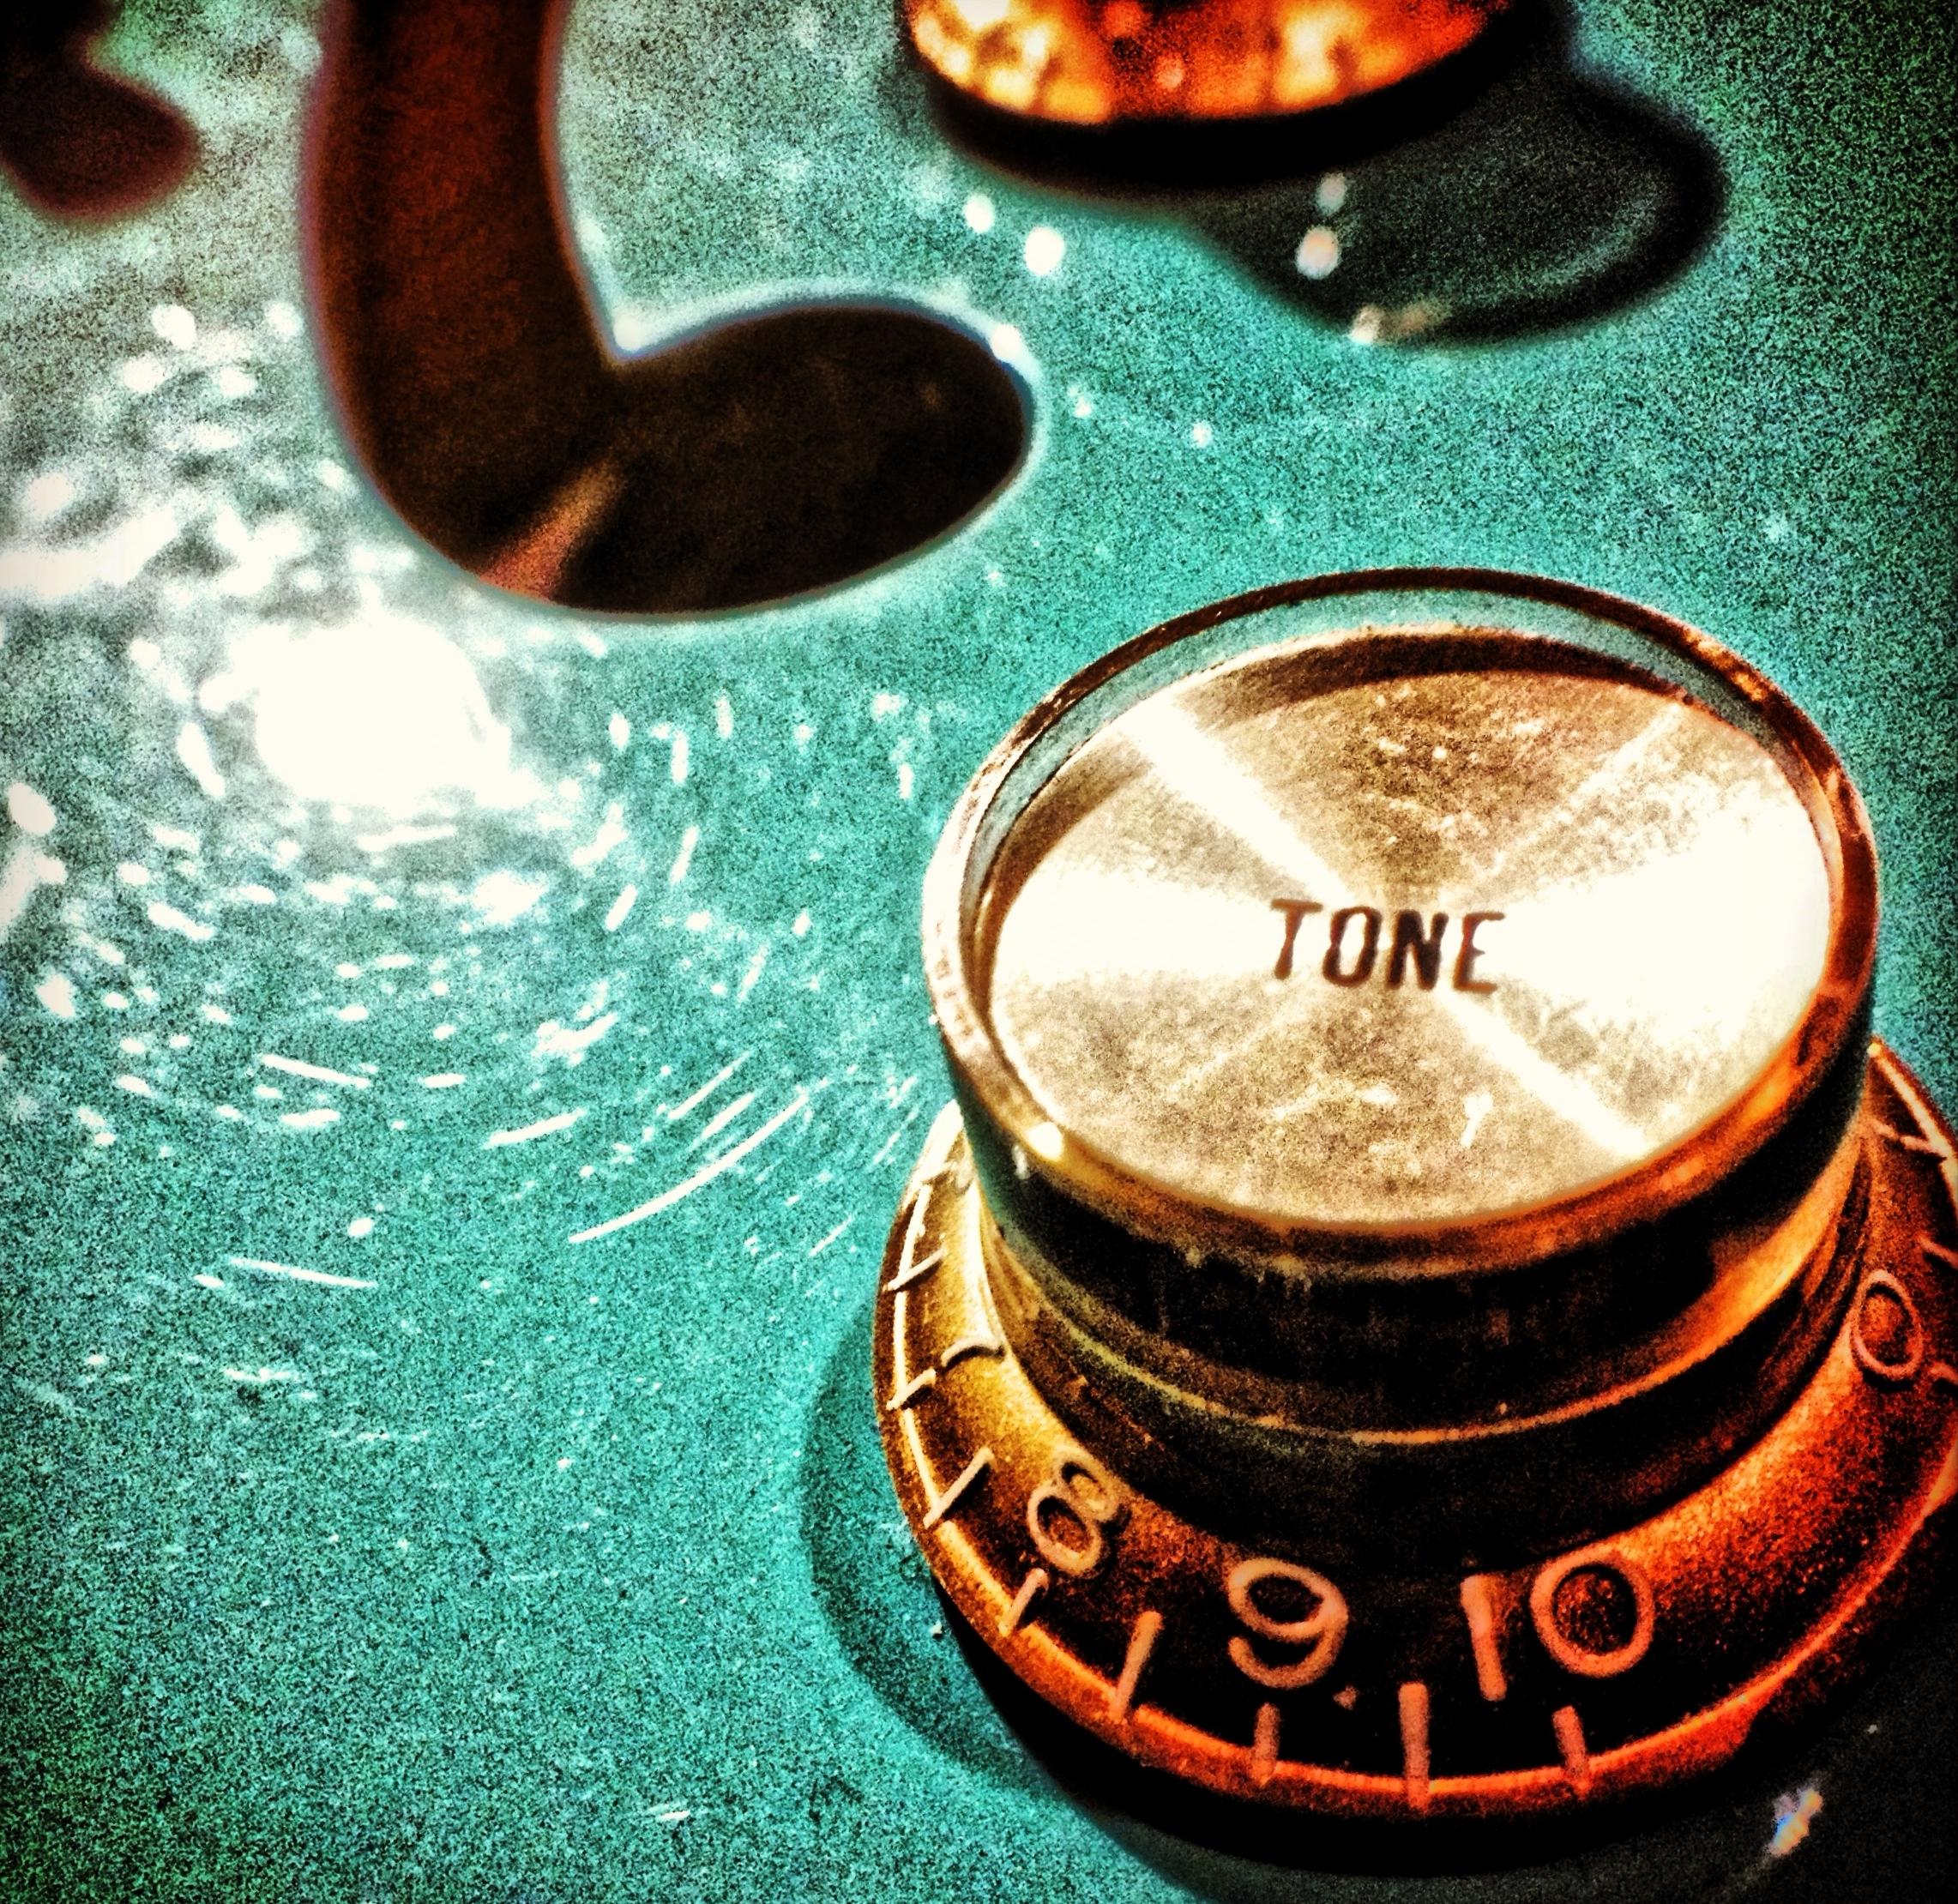 Tone | Steve Fulton | 2013